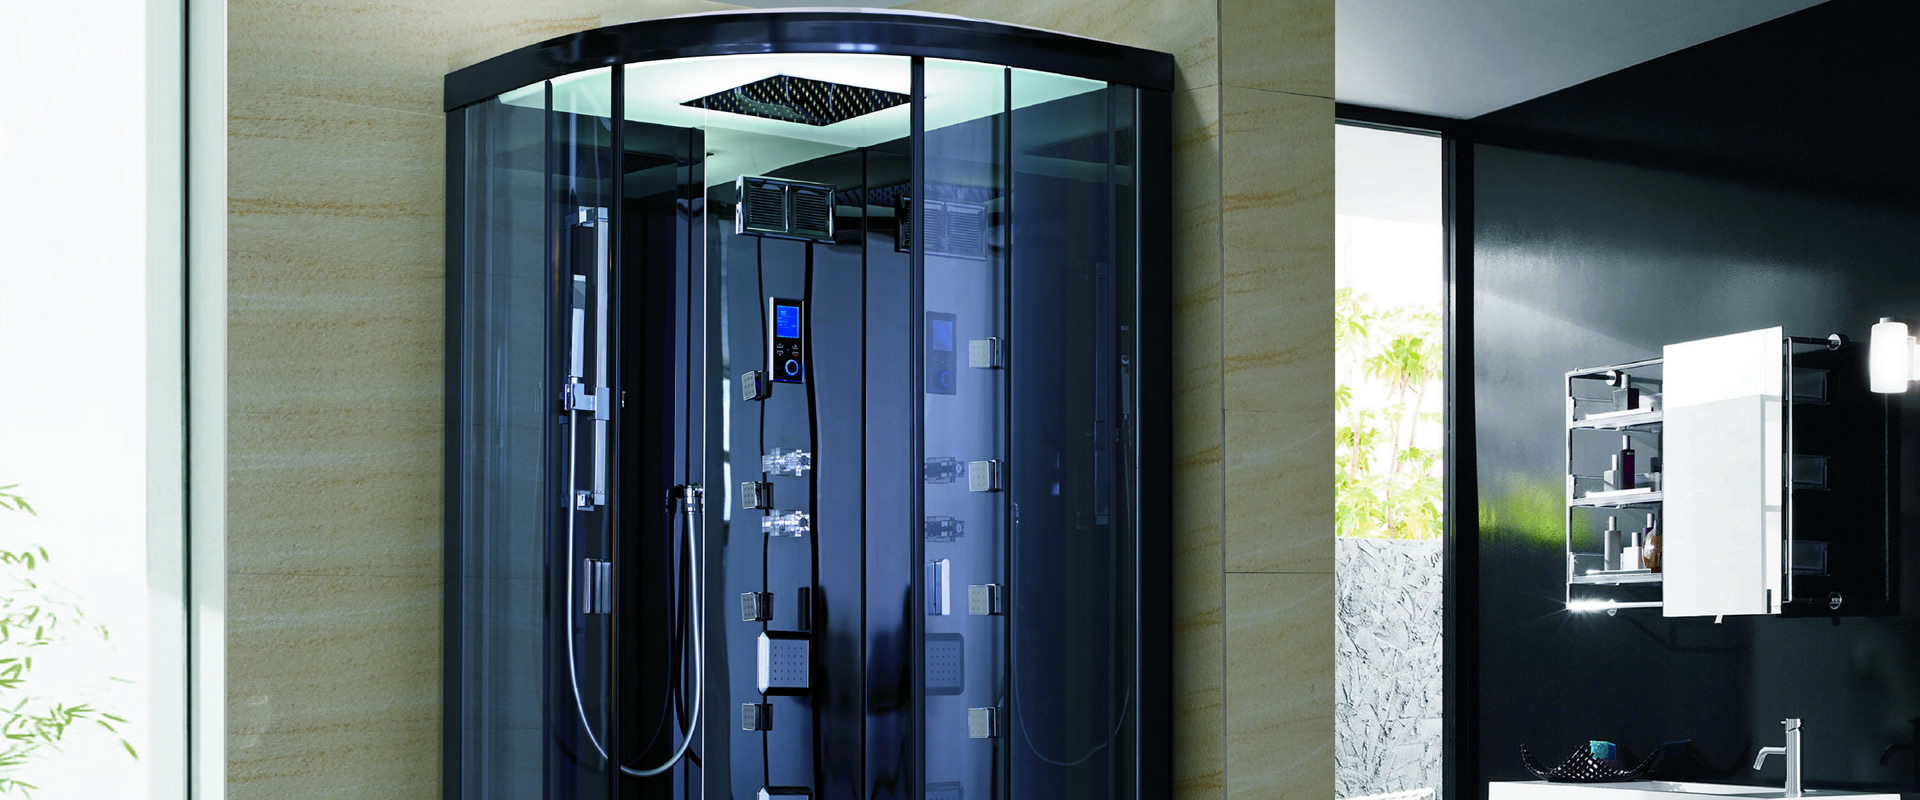 Ducha inteligente una tecnolog a innovadora ba era por for Modelos de duchas